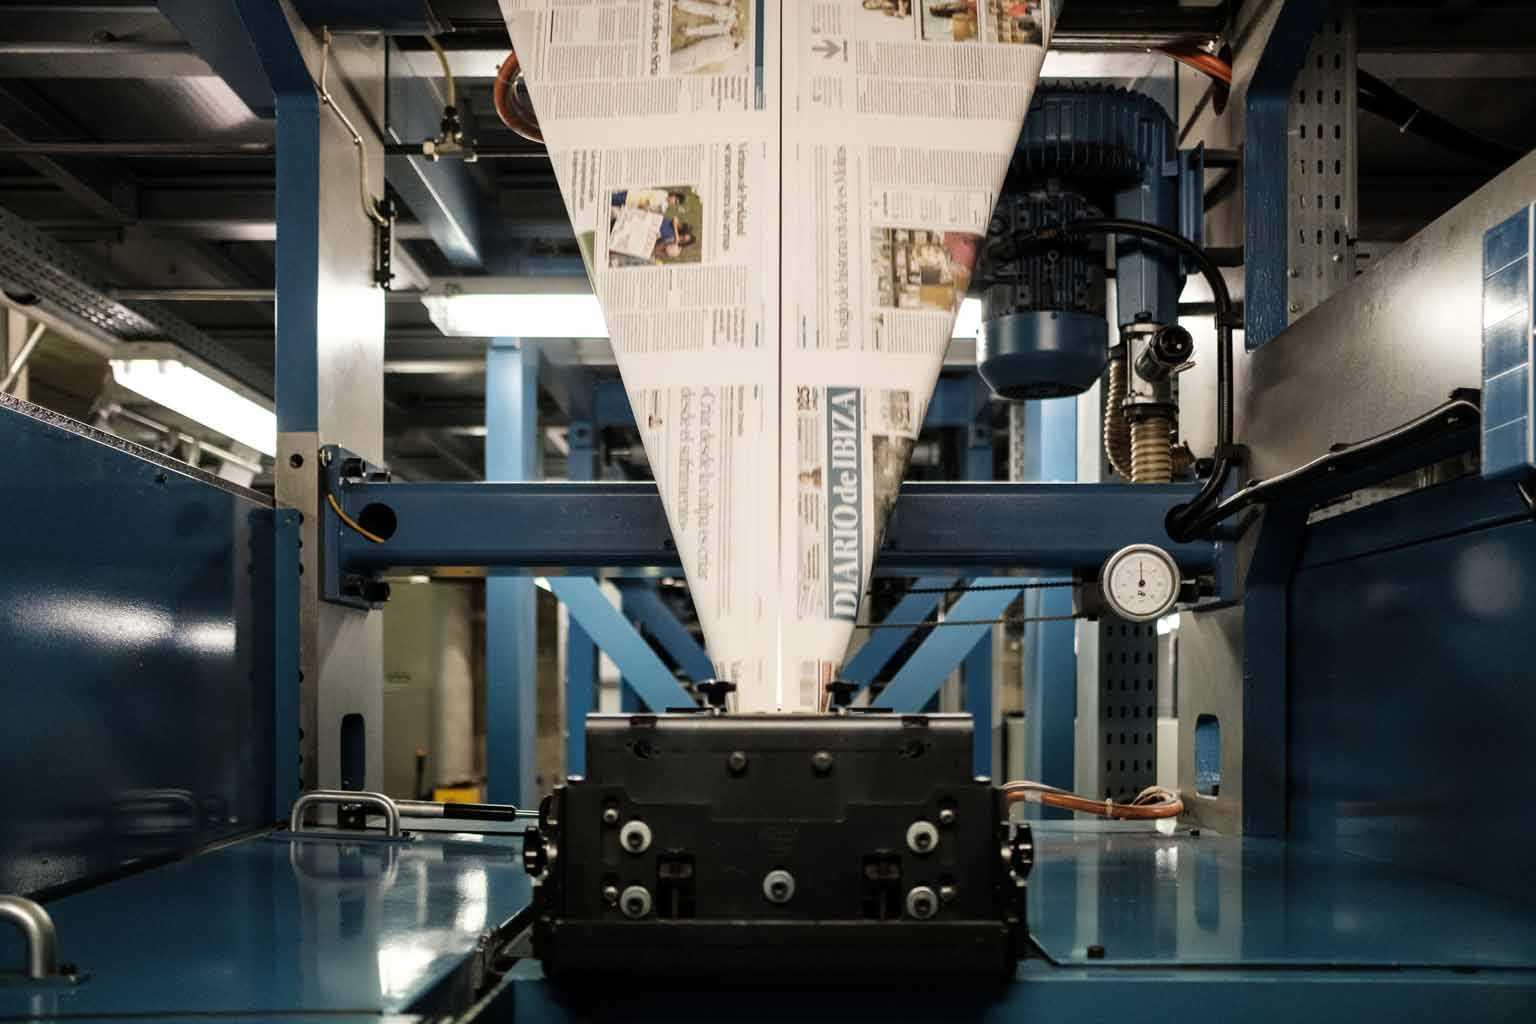 Una vez impreso el papel, entra en la plegadora, que lo pliega, corta y convierte en un diario. fotos: Sergio G. Cañizares